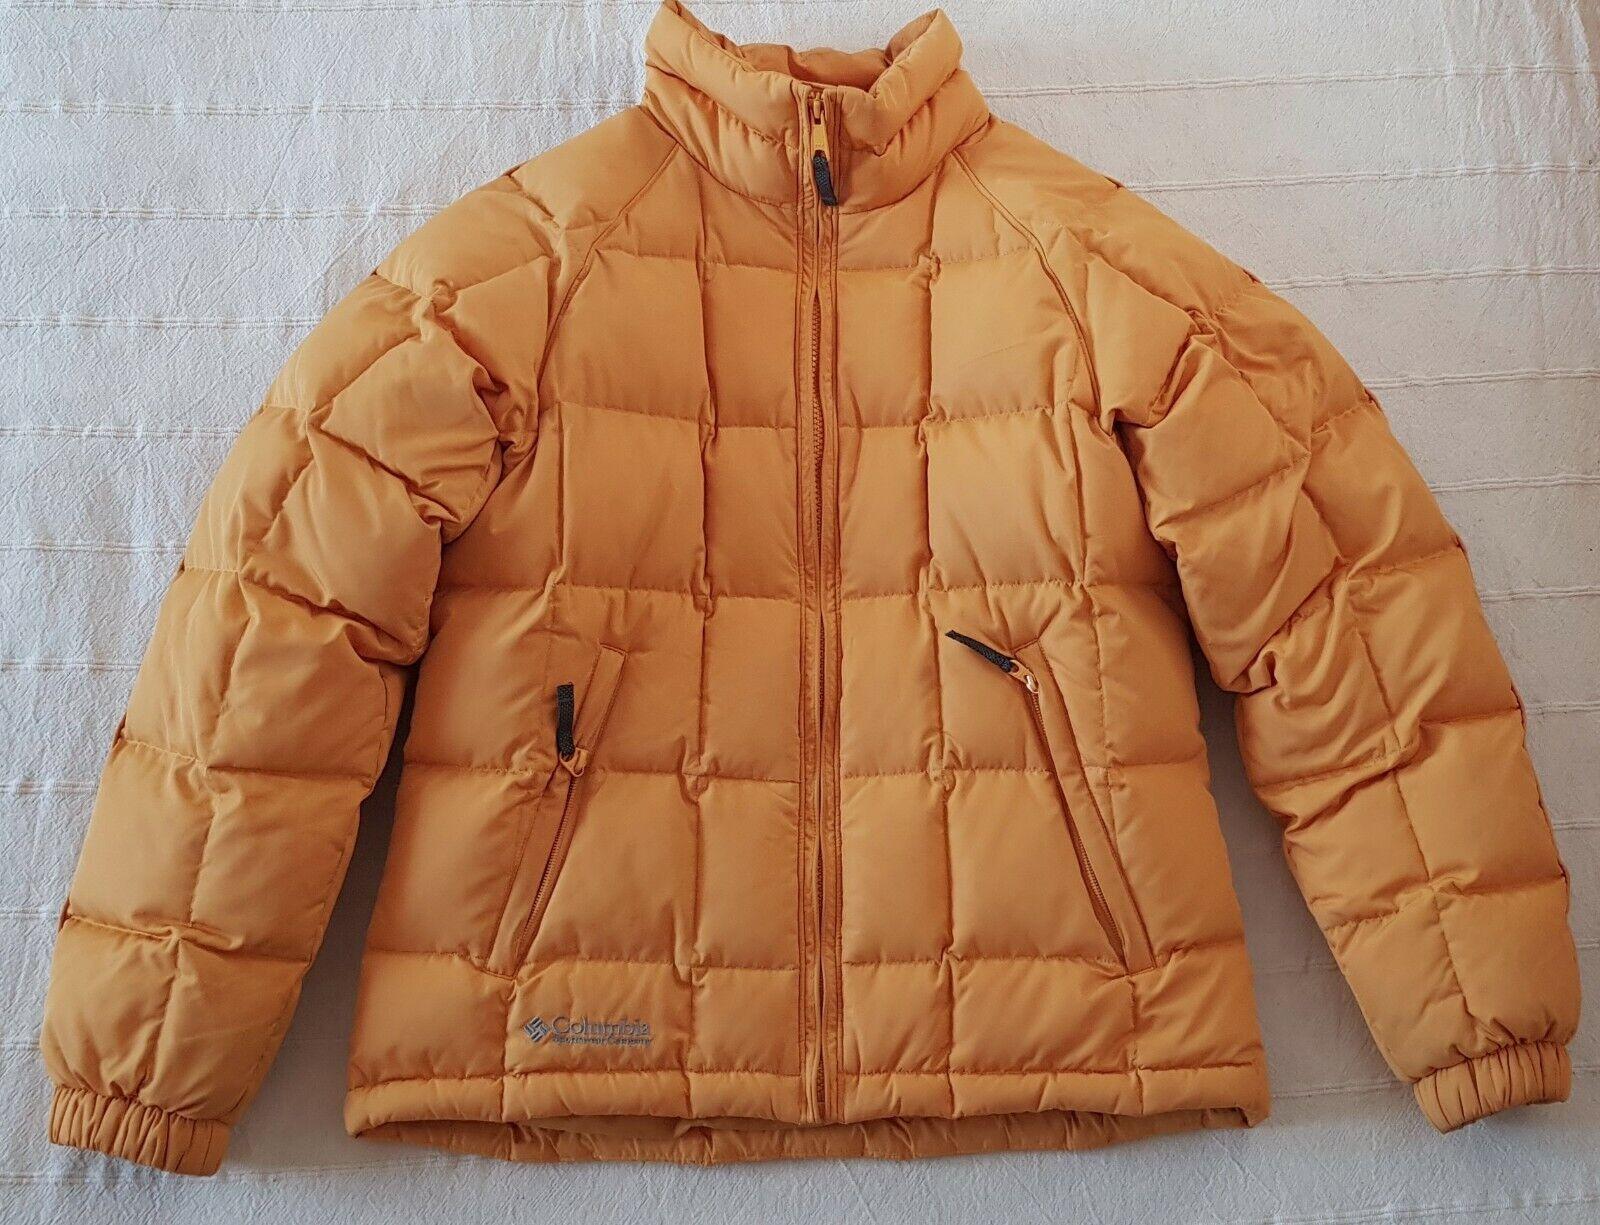 Chaqueta de nieve Columbia amarilla para damen,  Duvet y plumas, Größe S